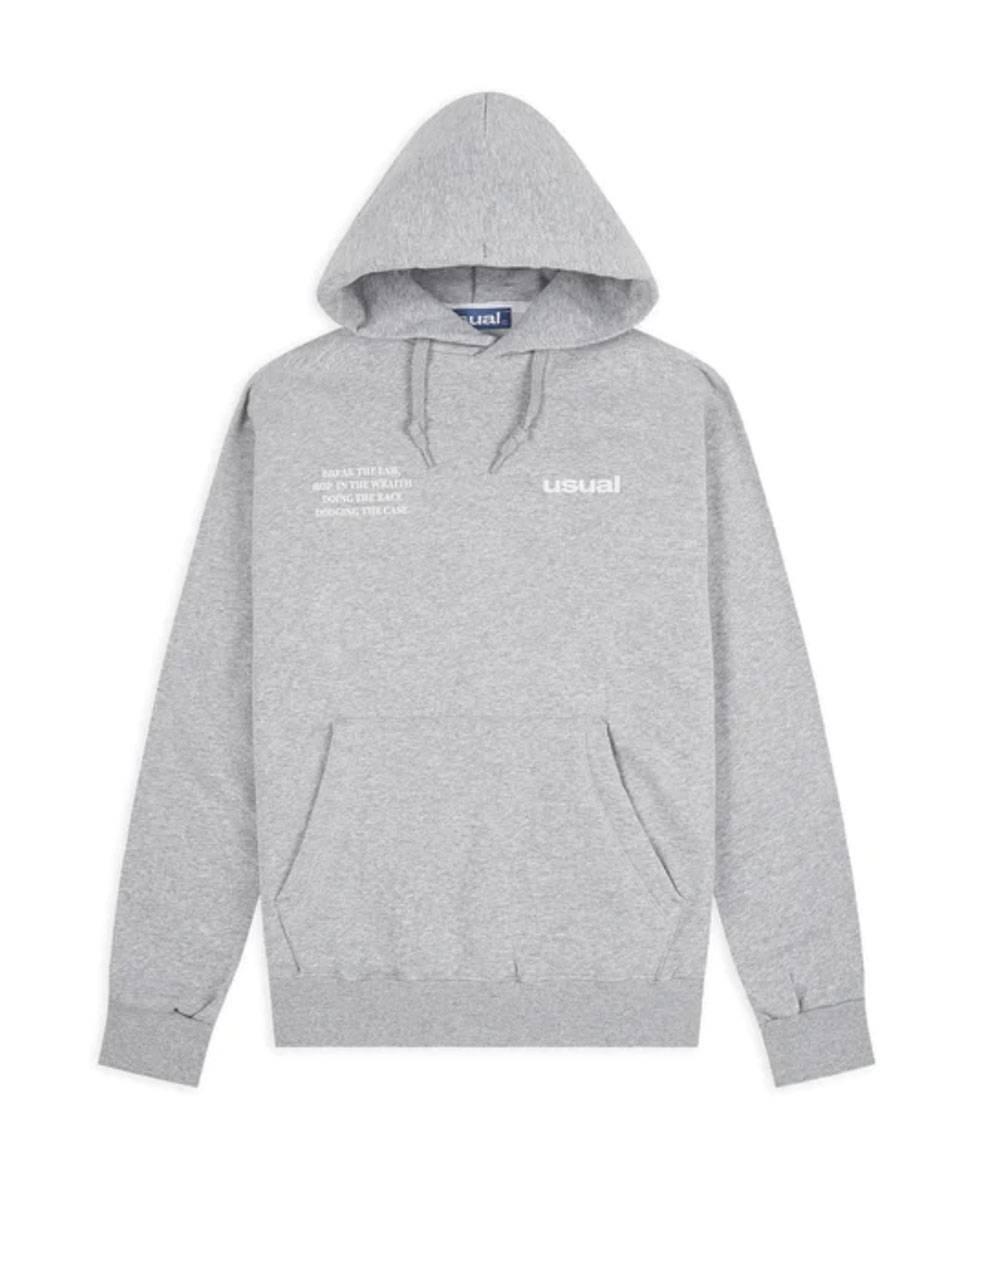 Usual Run outline hoodie - melange grey Usual Sweater 72,95€